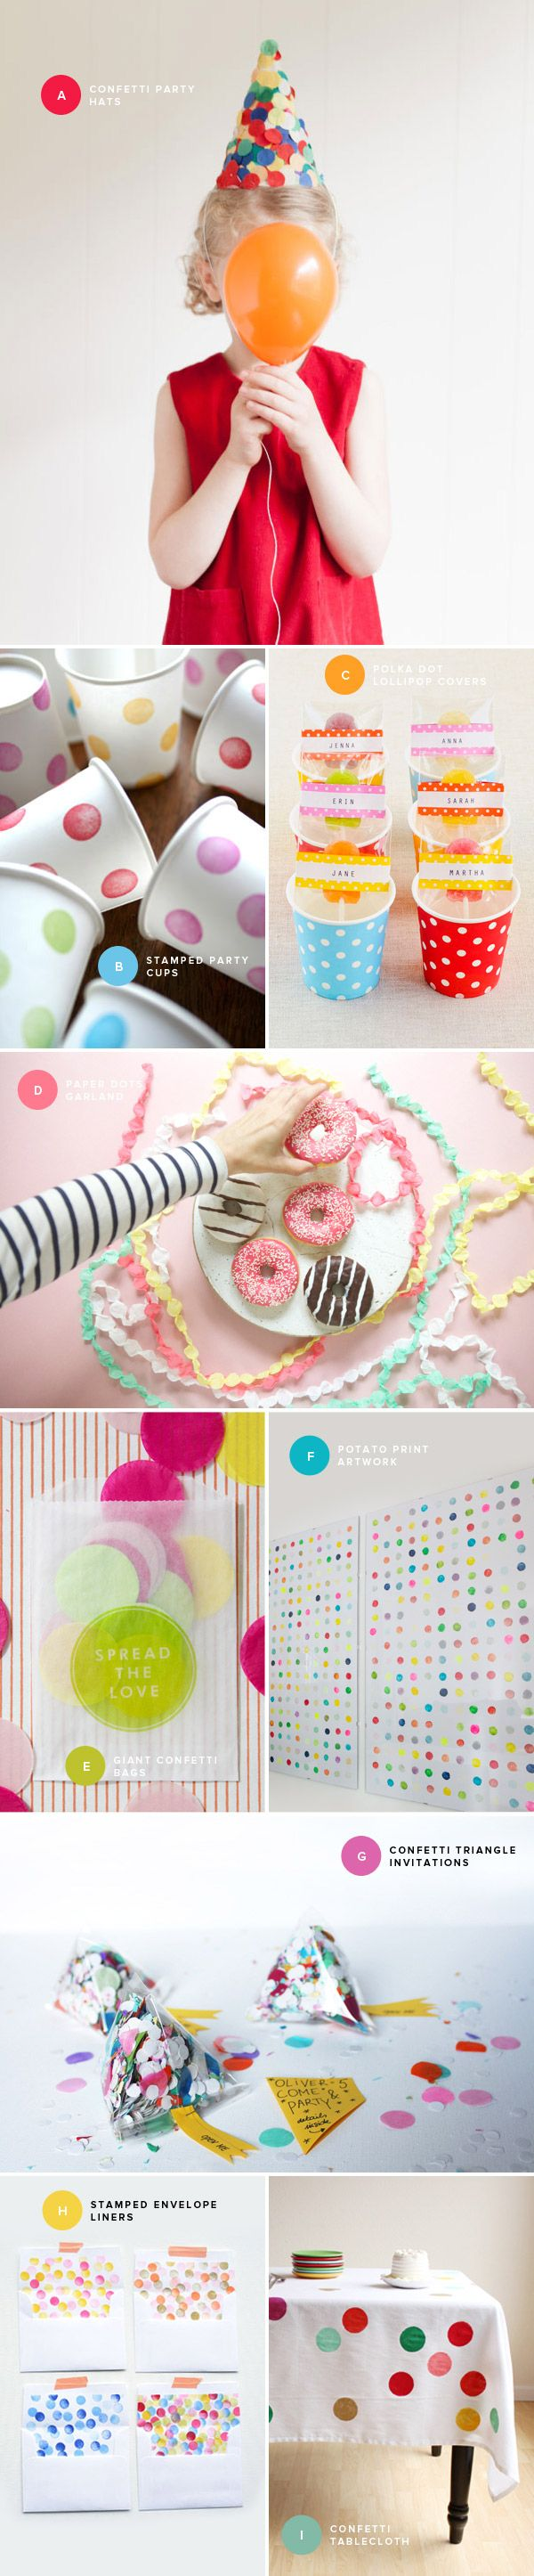 Polka Dot Party Ideas - Oh Happy Day!